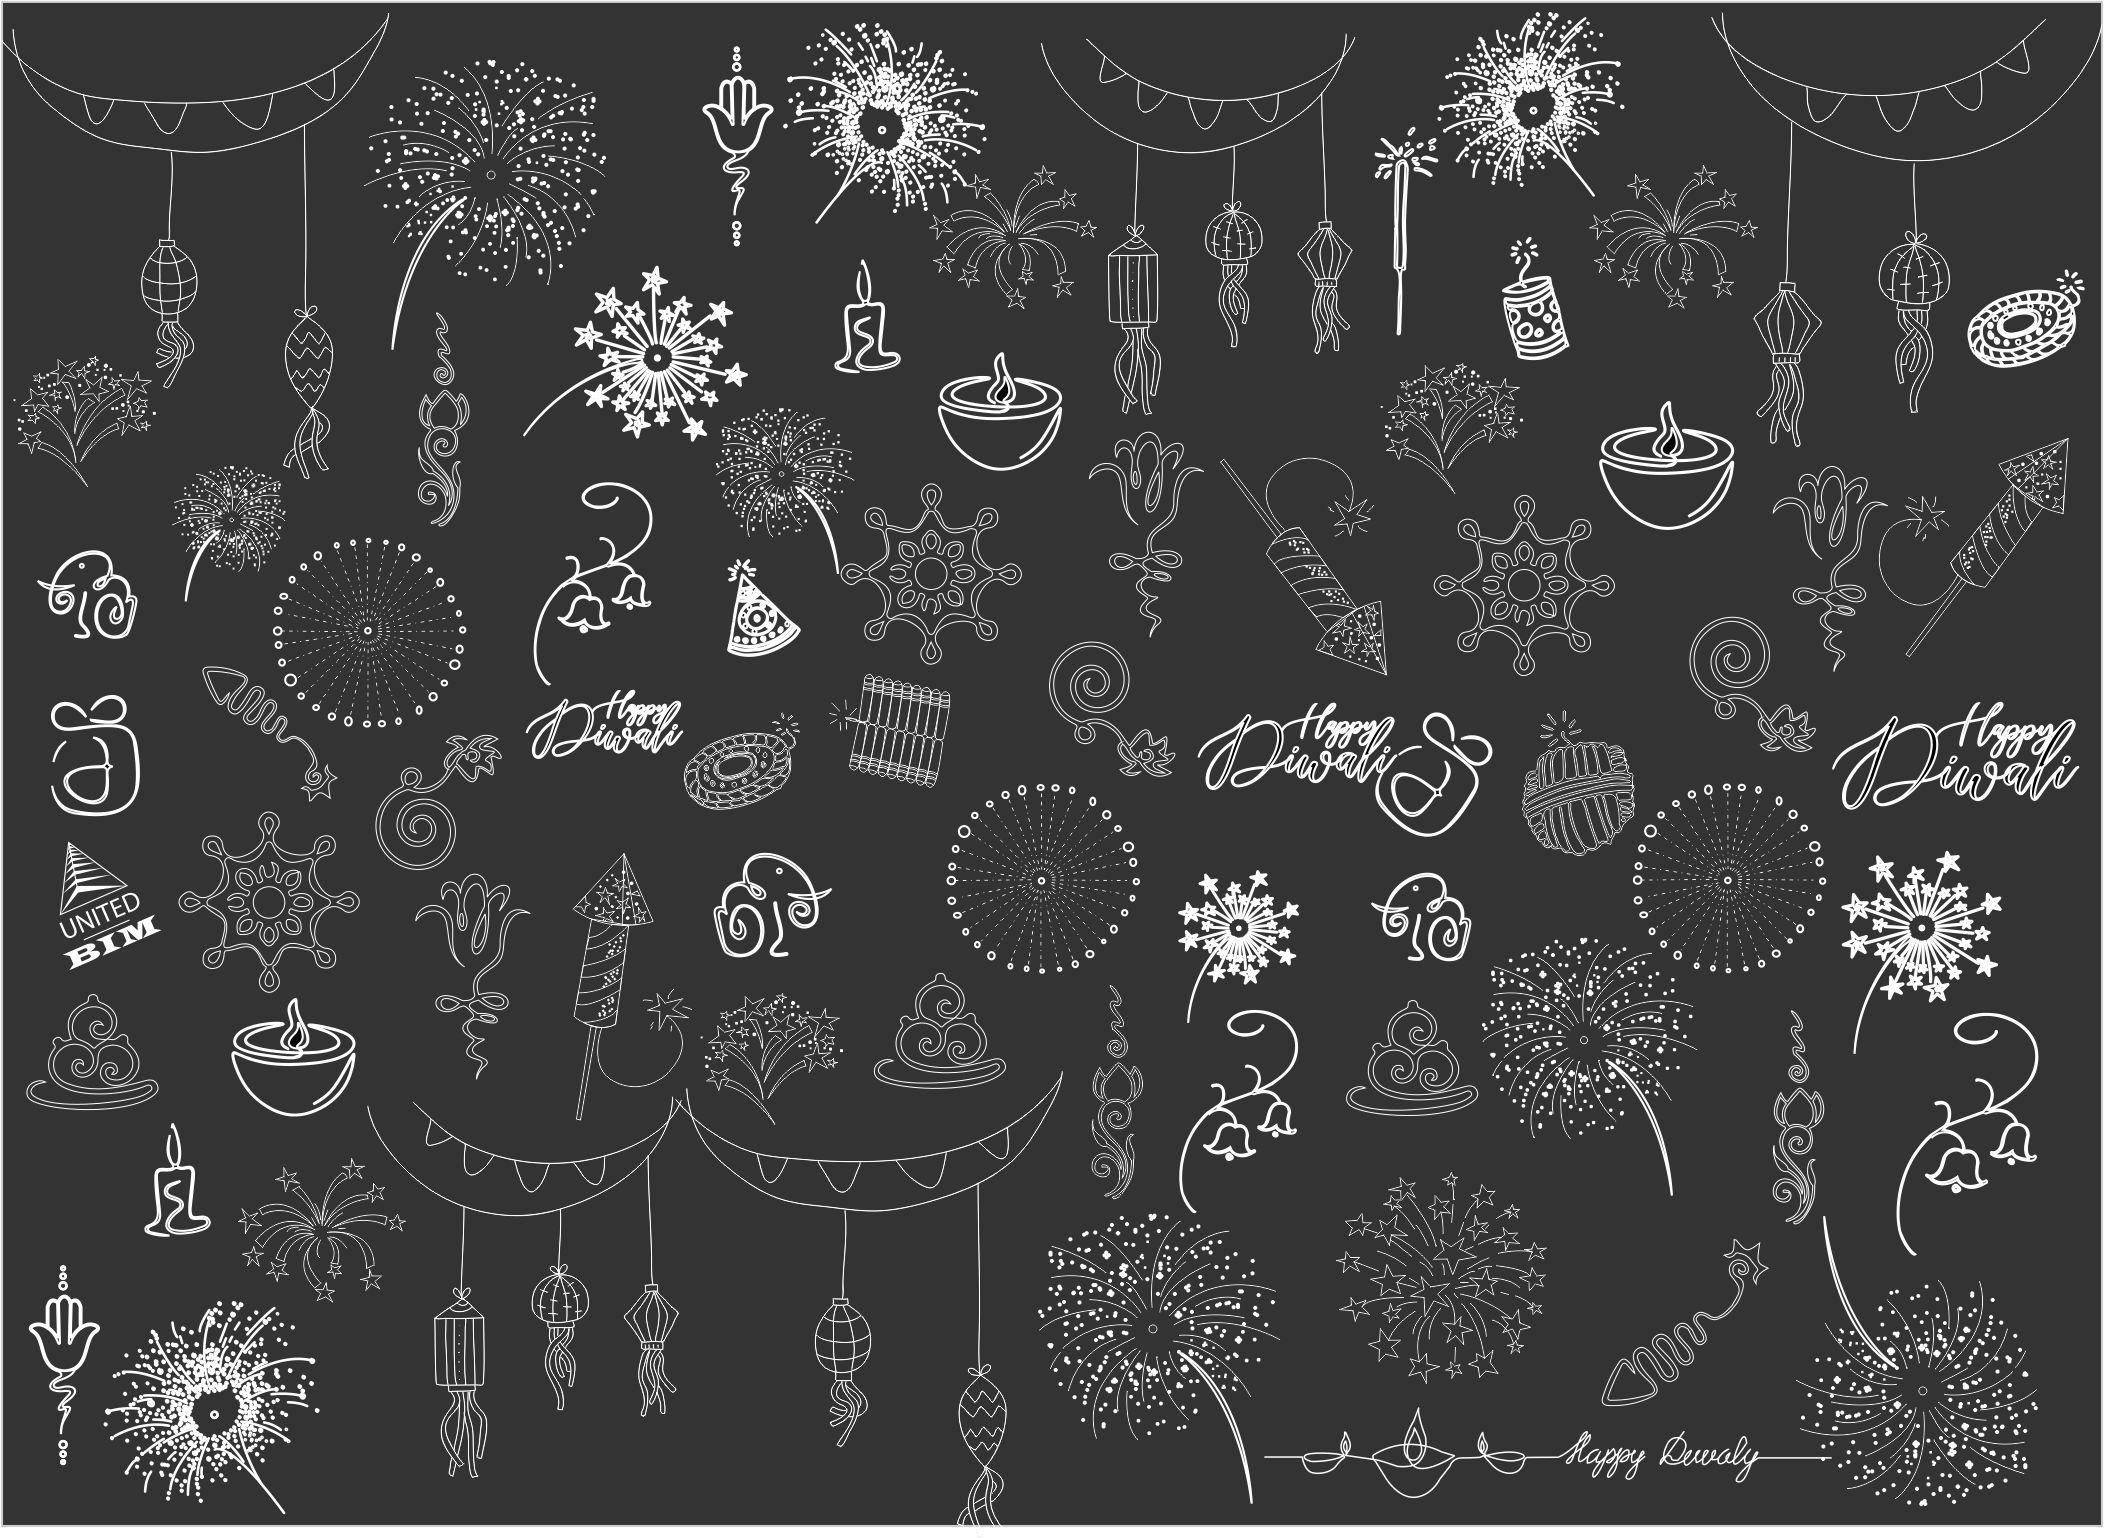 Happy Diwali 2020 Graphic by United-BIM